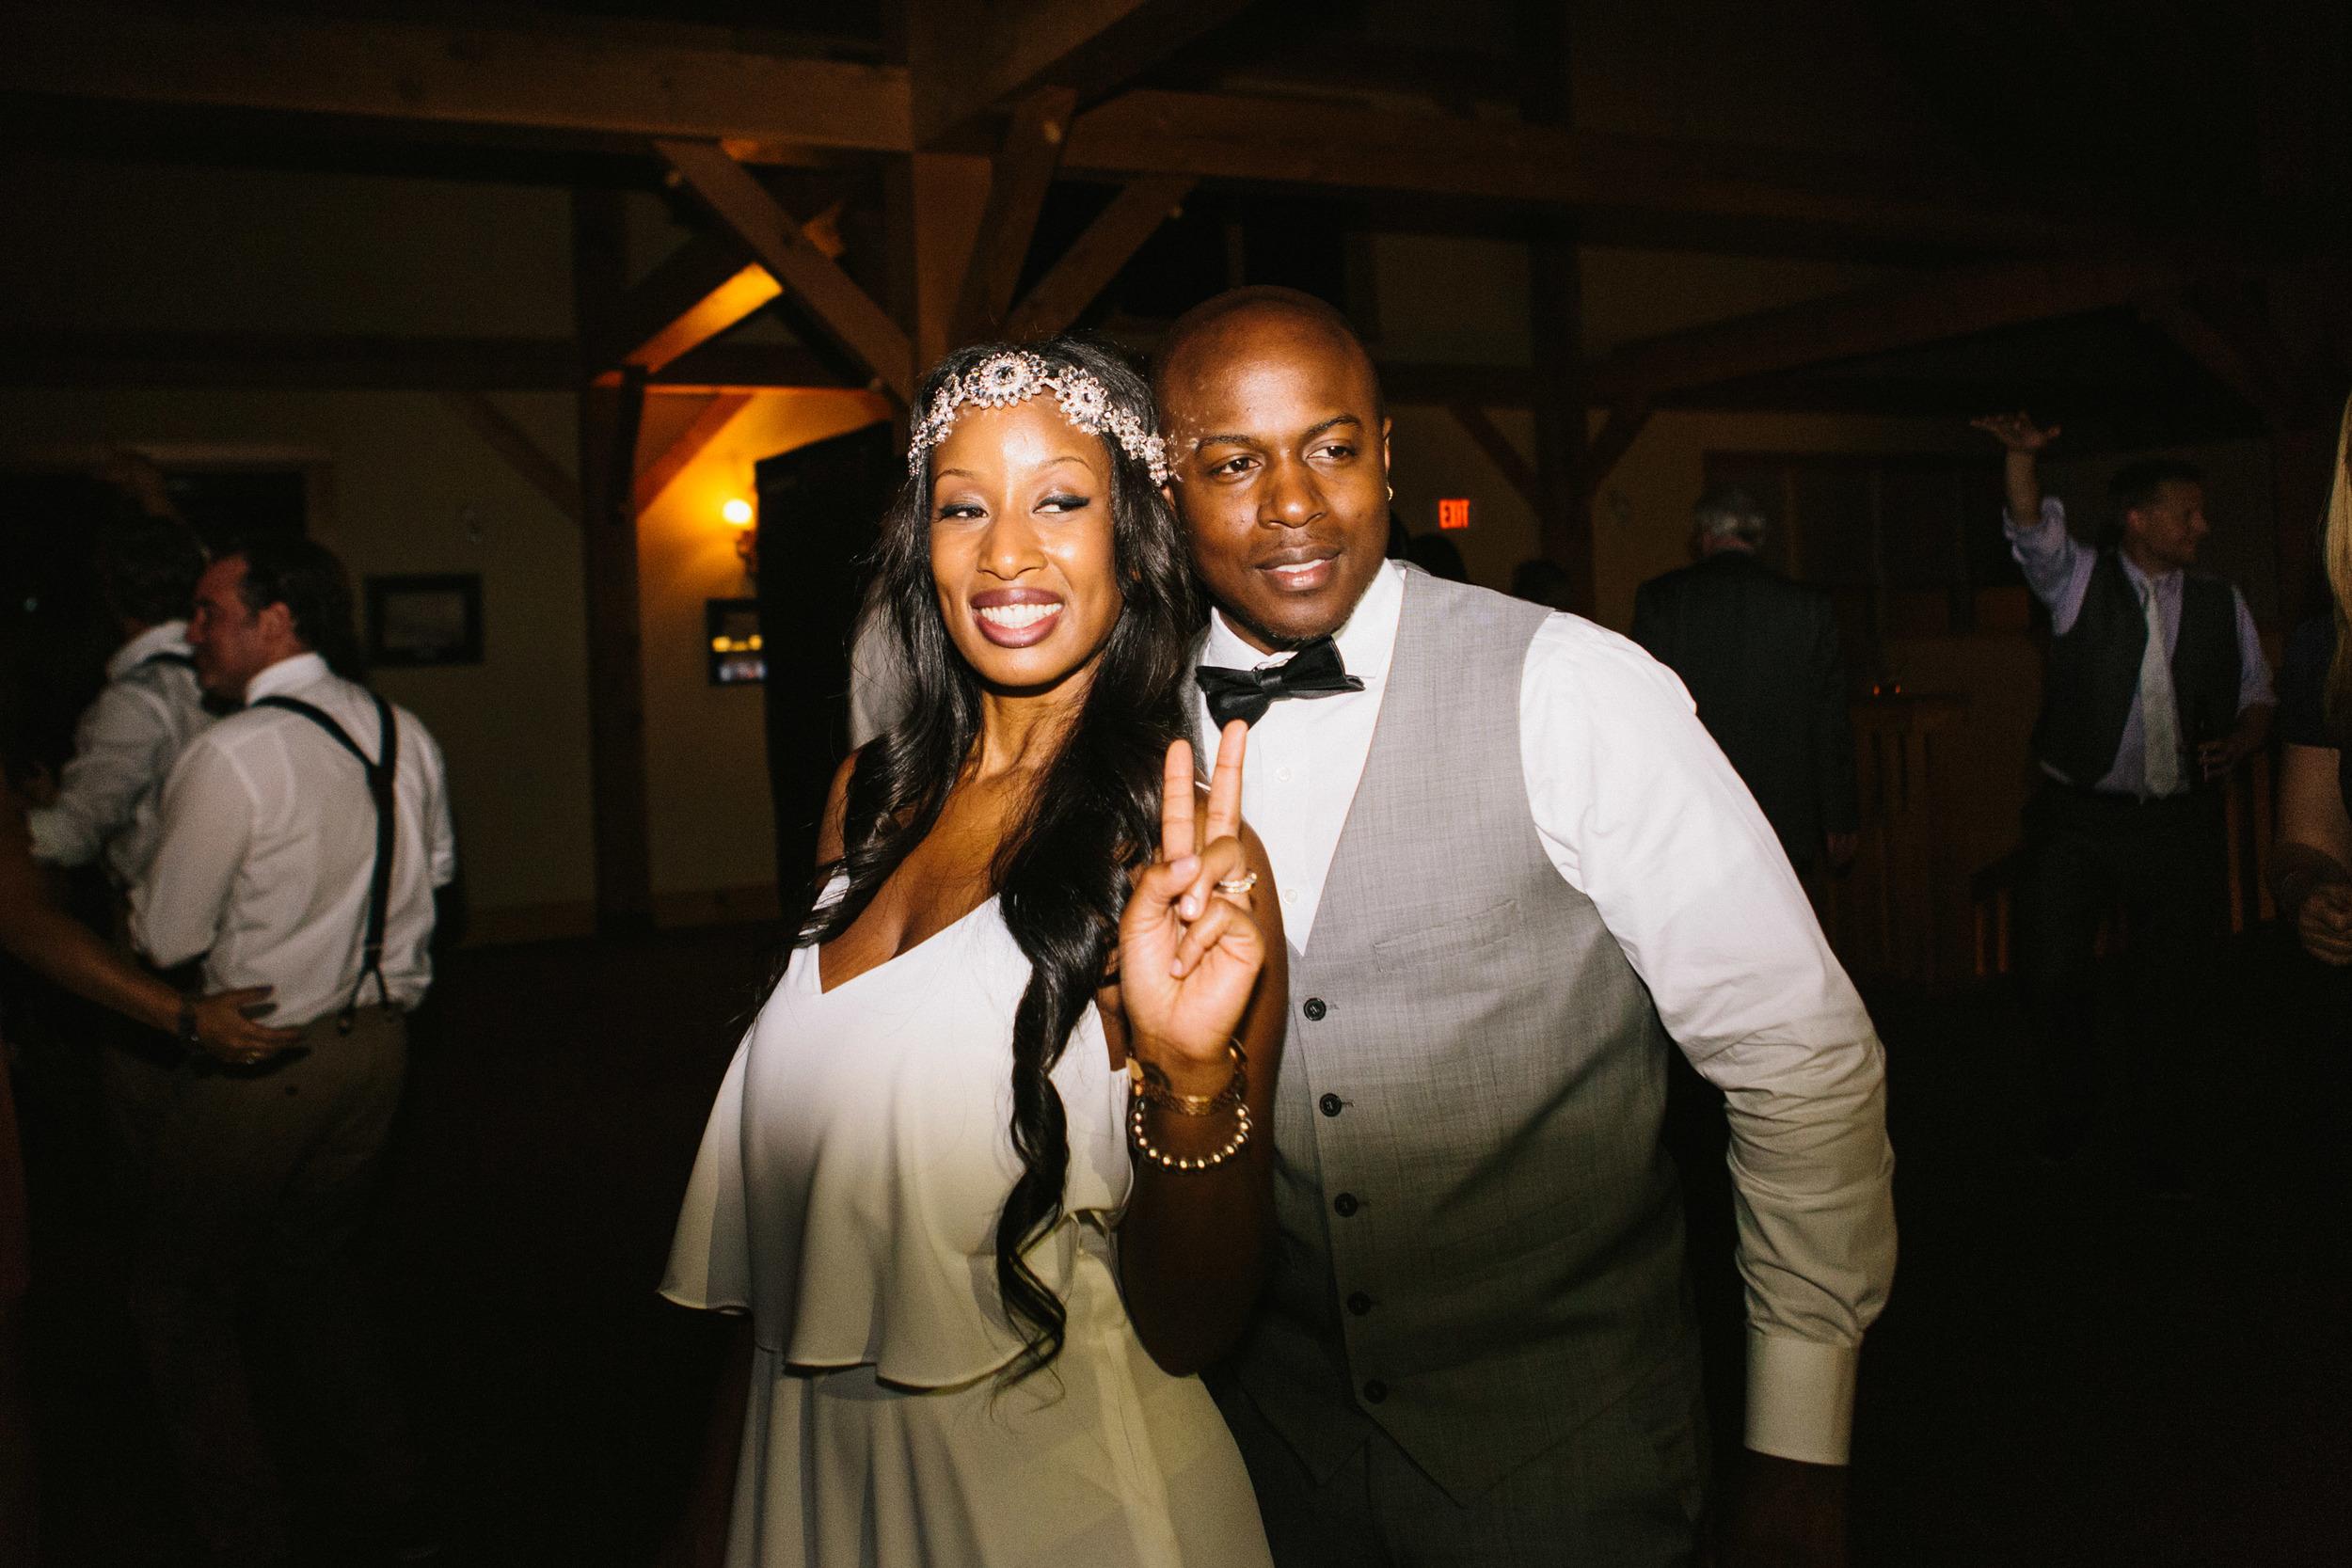 michael-rousseau-photography-shannae-ingleton-wedding-sean-craigleith-ski-club-wedding095.jpg